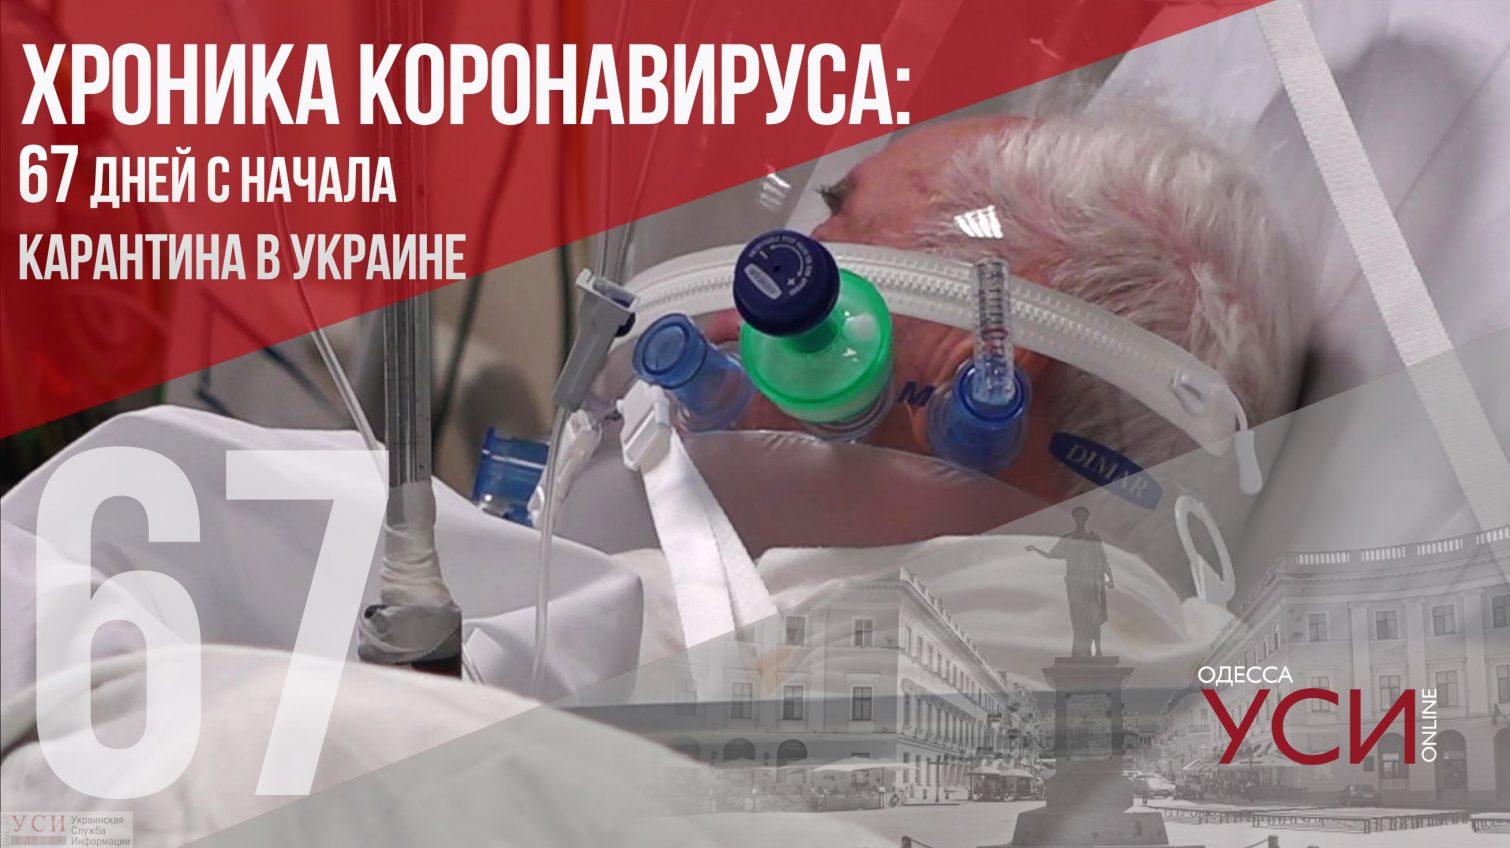 Хроника коронавируса: 67 дней с начала карантина ОБНОВЛЯЕТСЯ «фото»